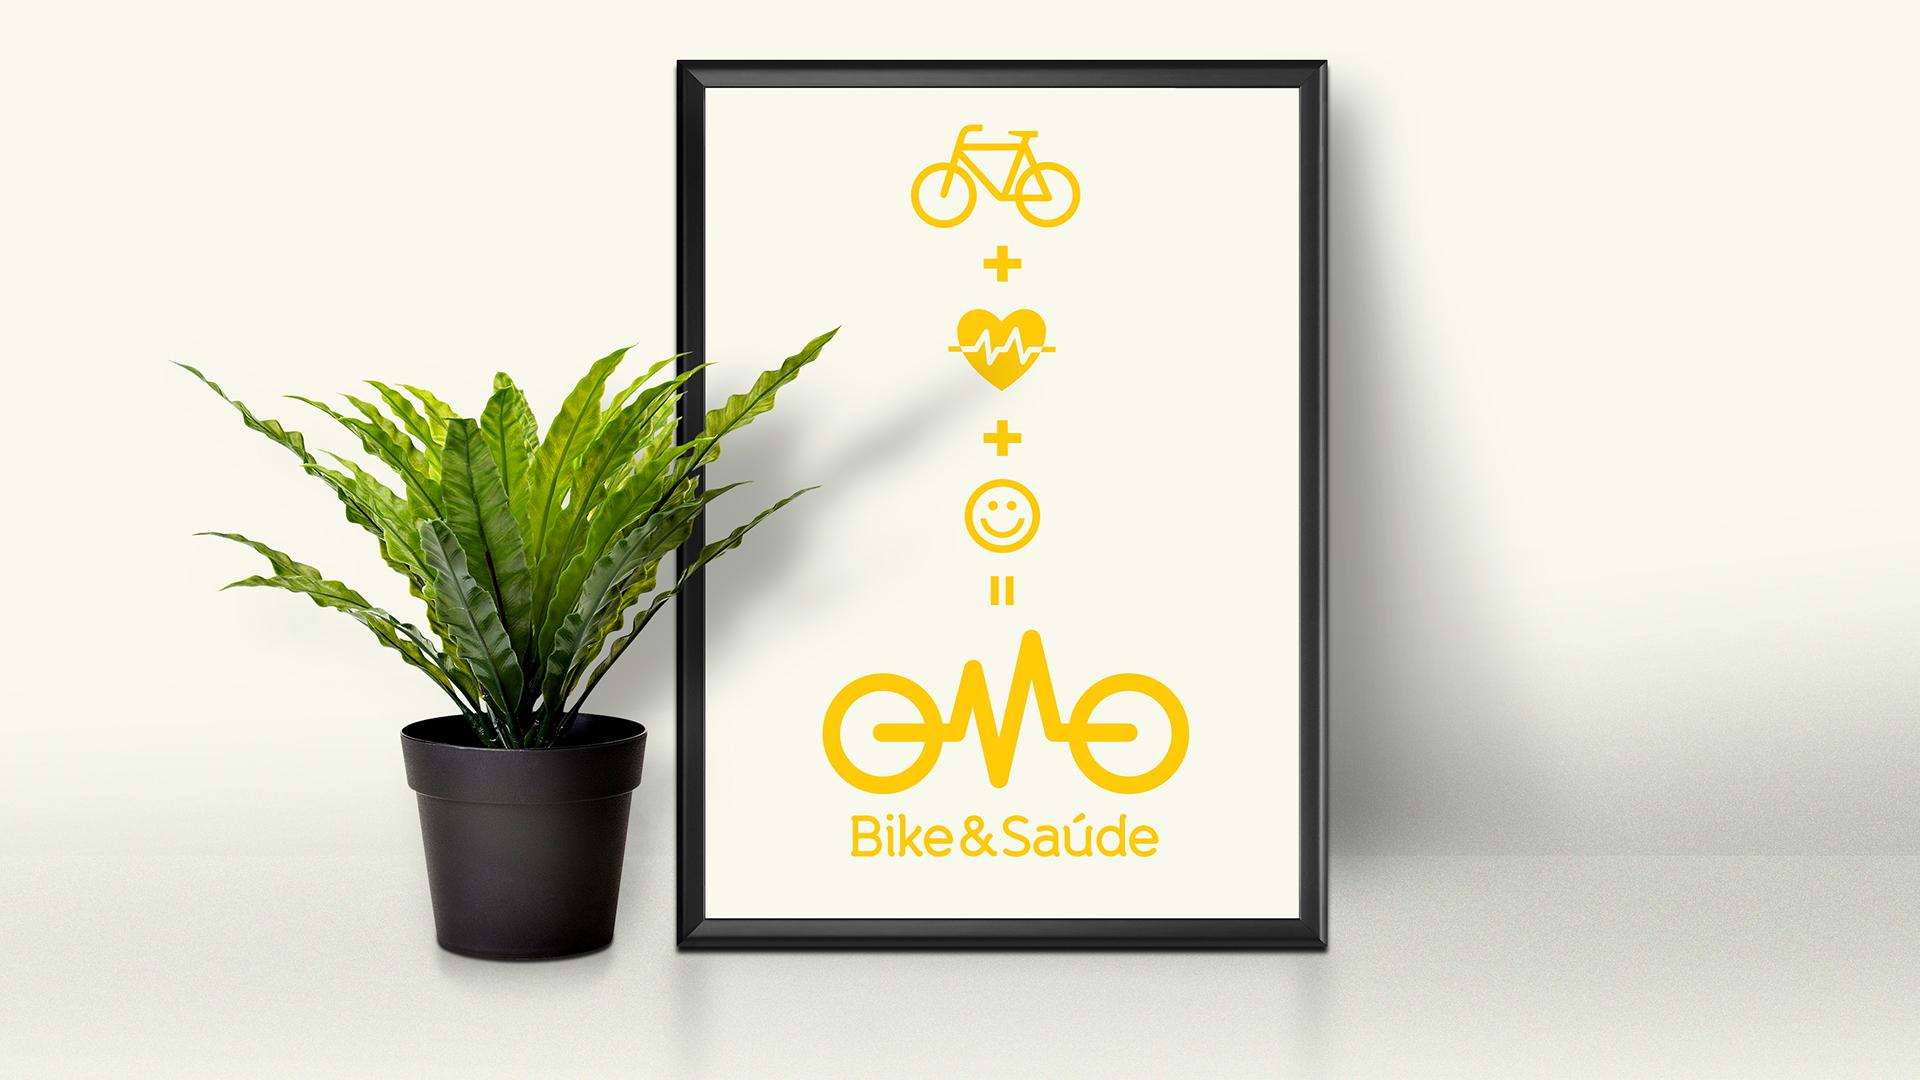 bikesaude_00